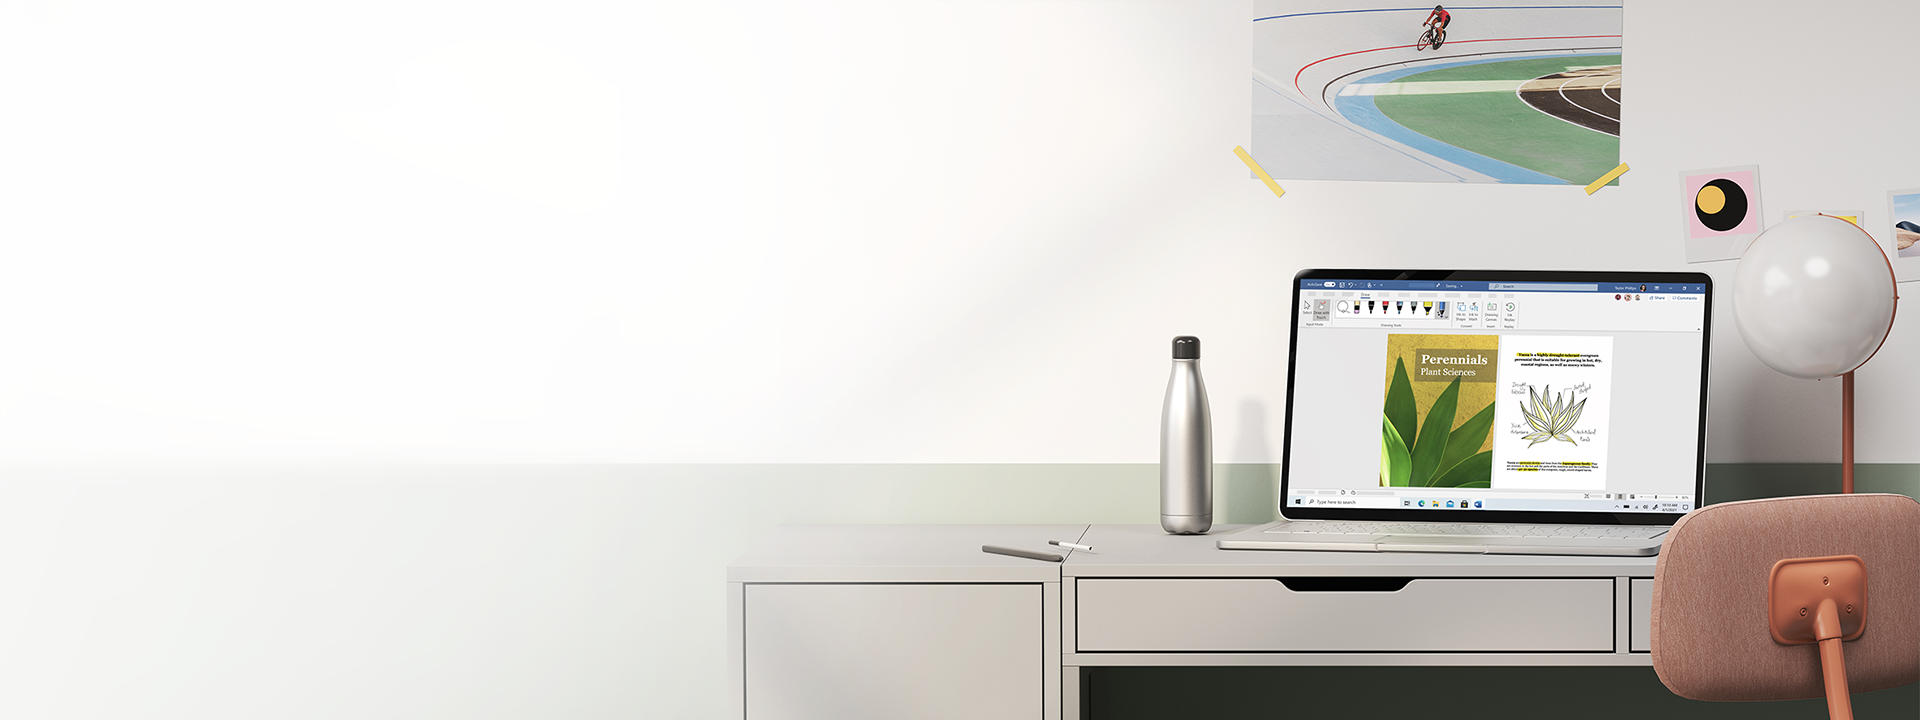 מחשב נישא עם Windows10 מונח על שולחן